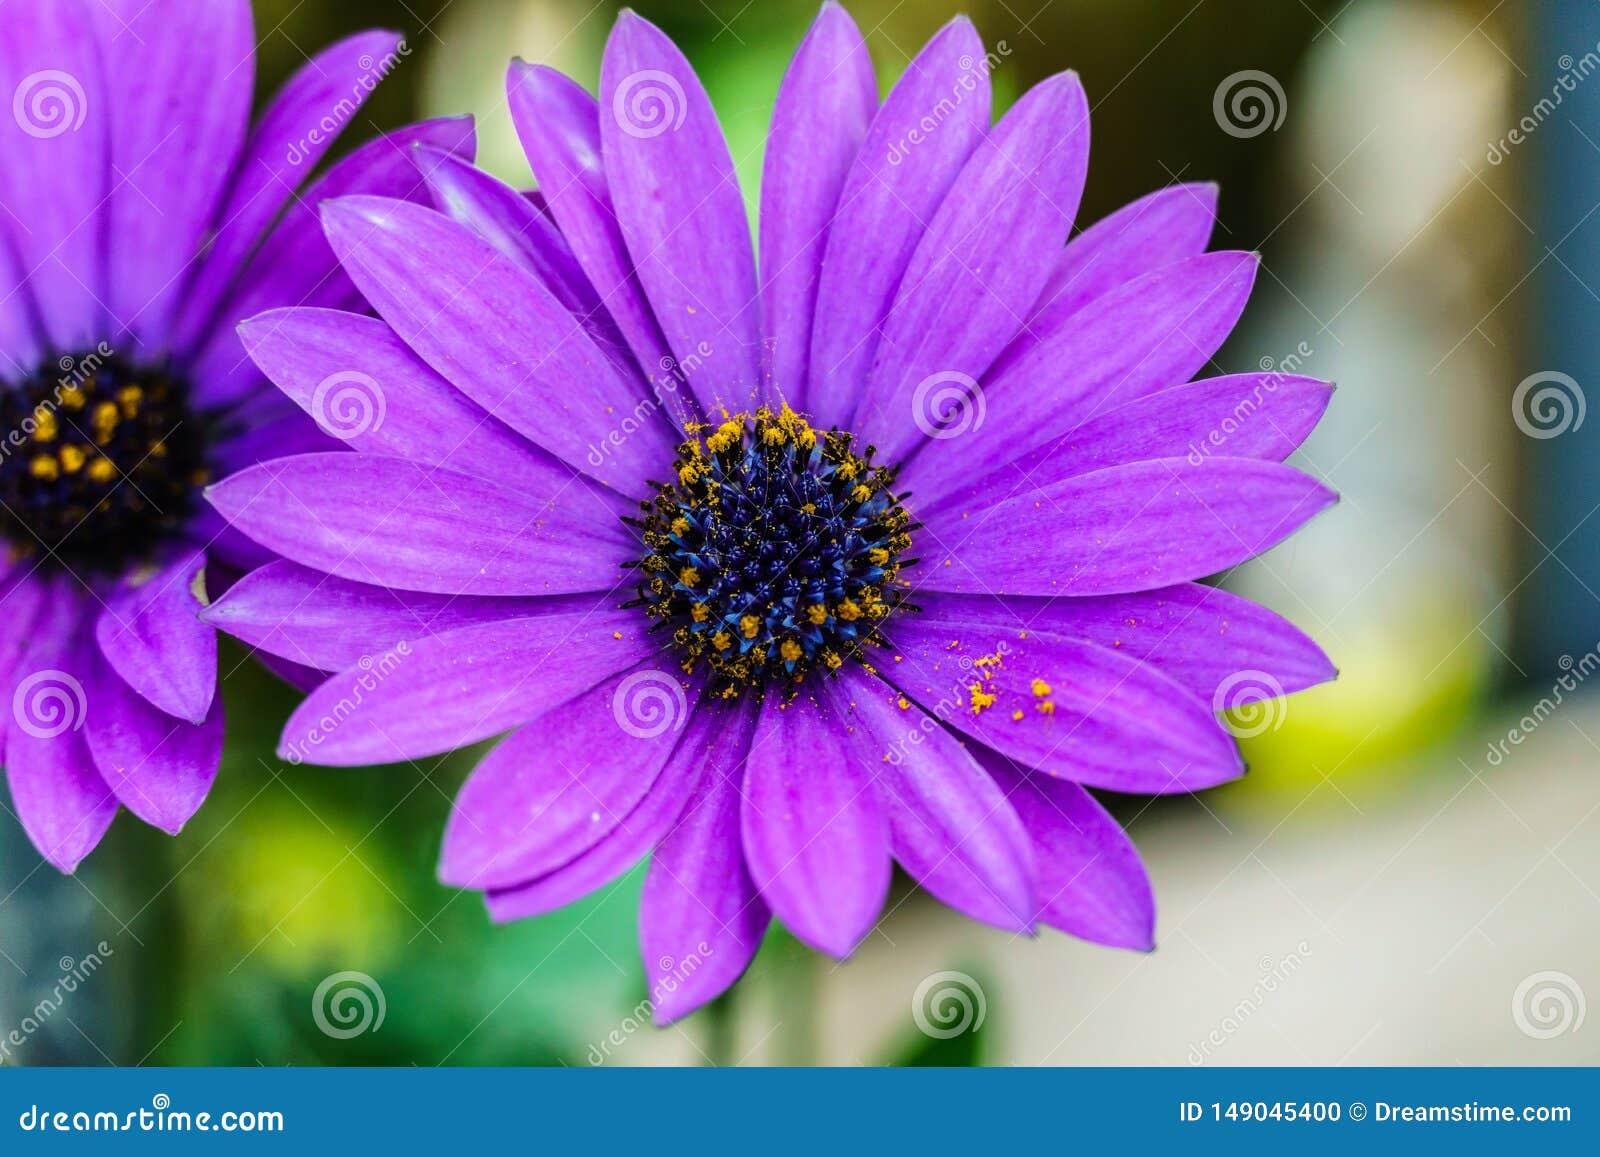 Bello fiore viola, macro colpo